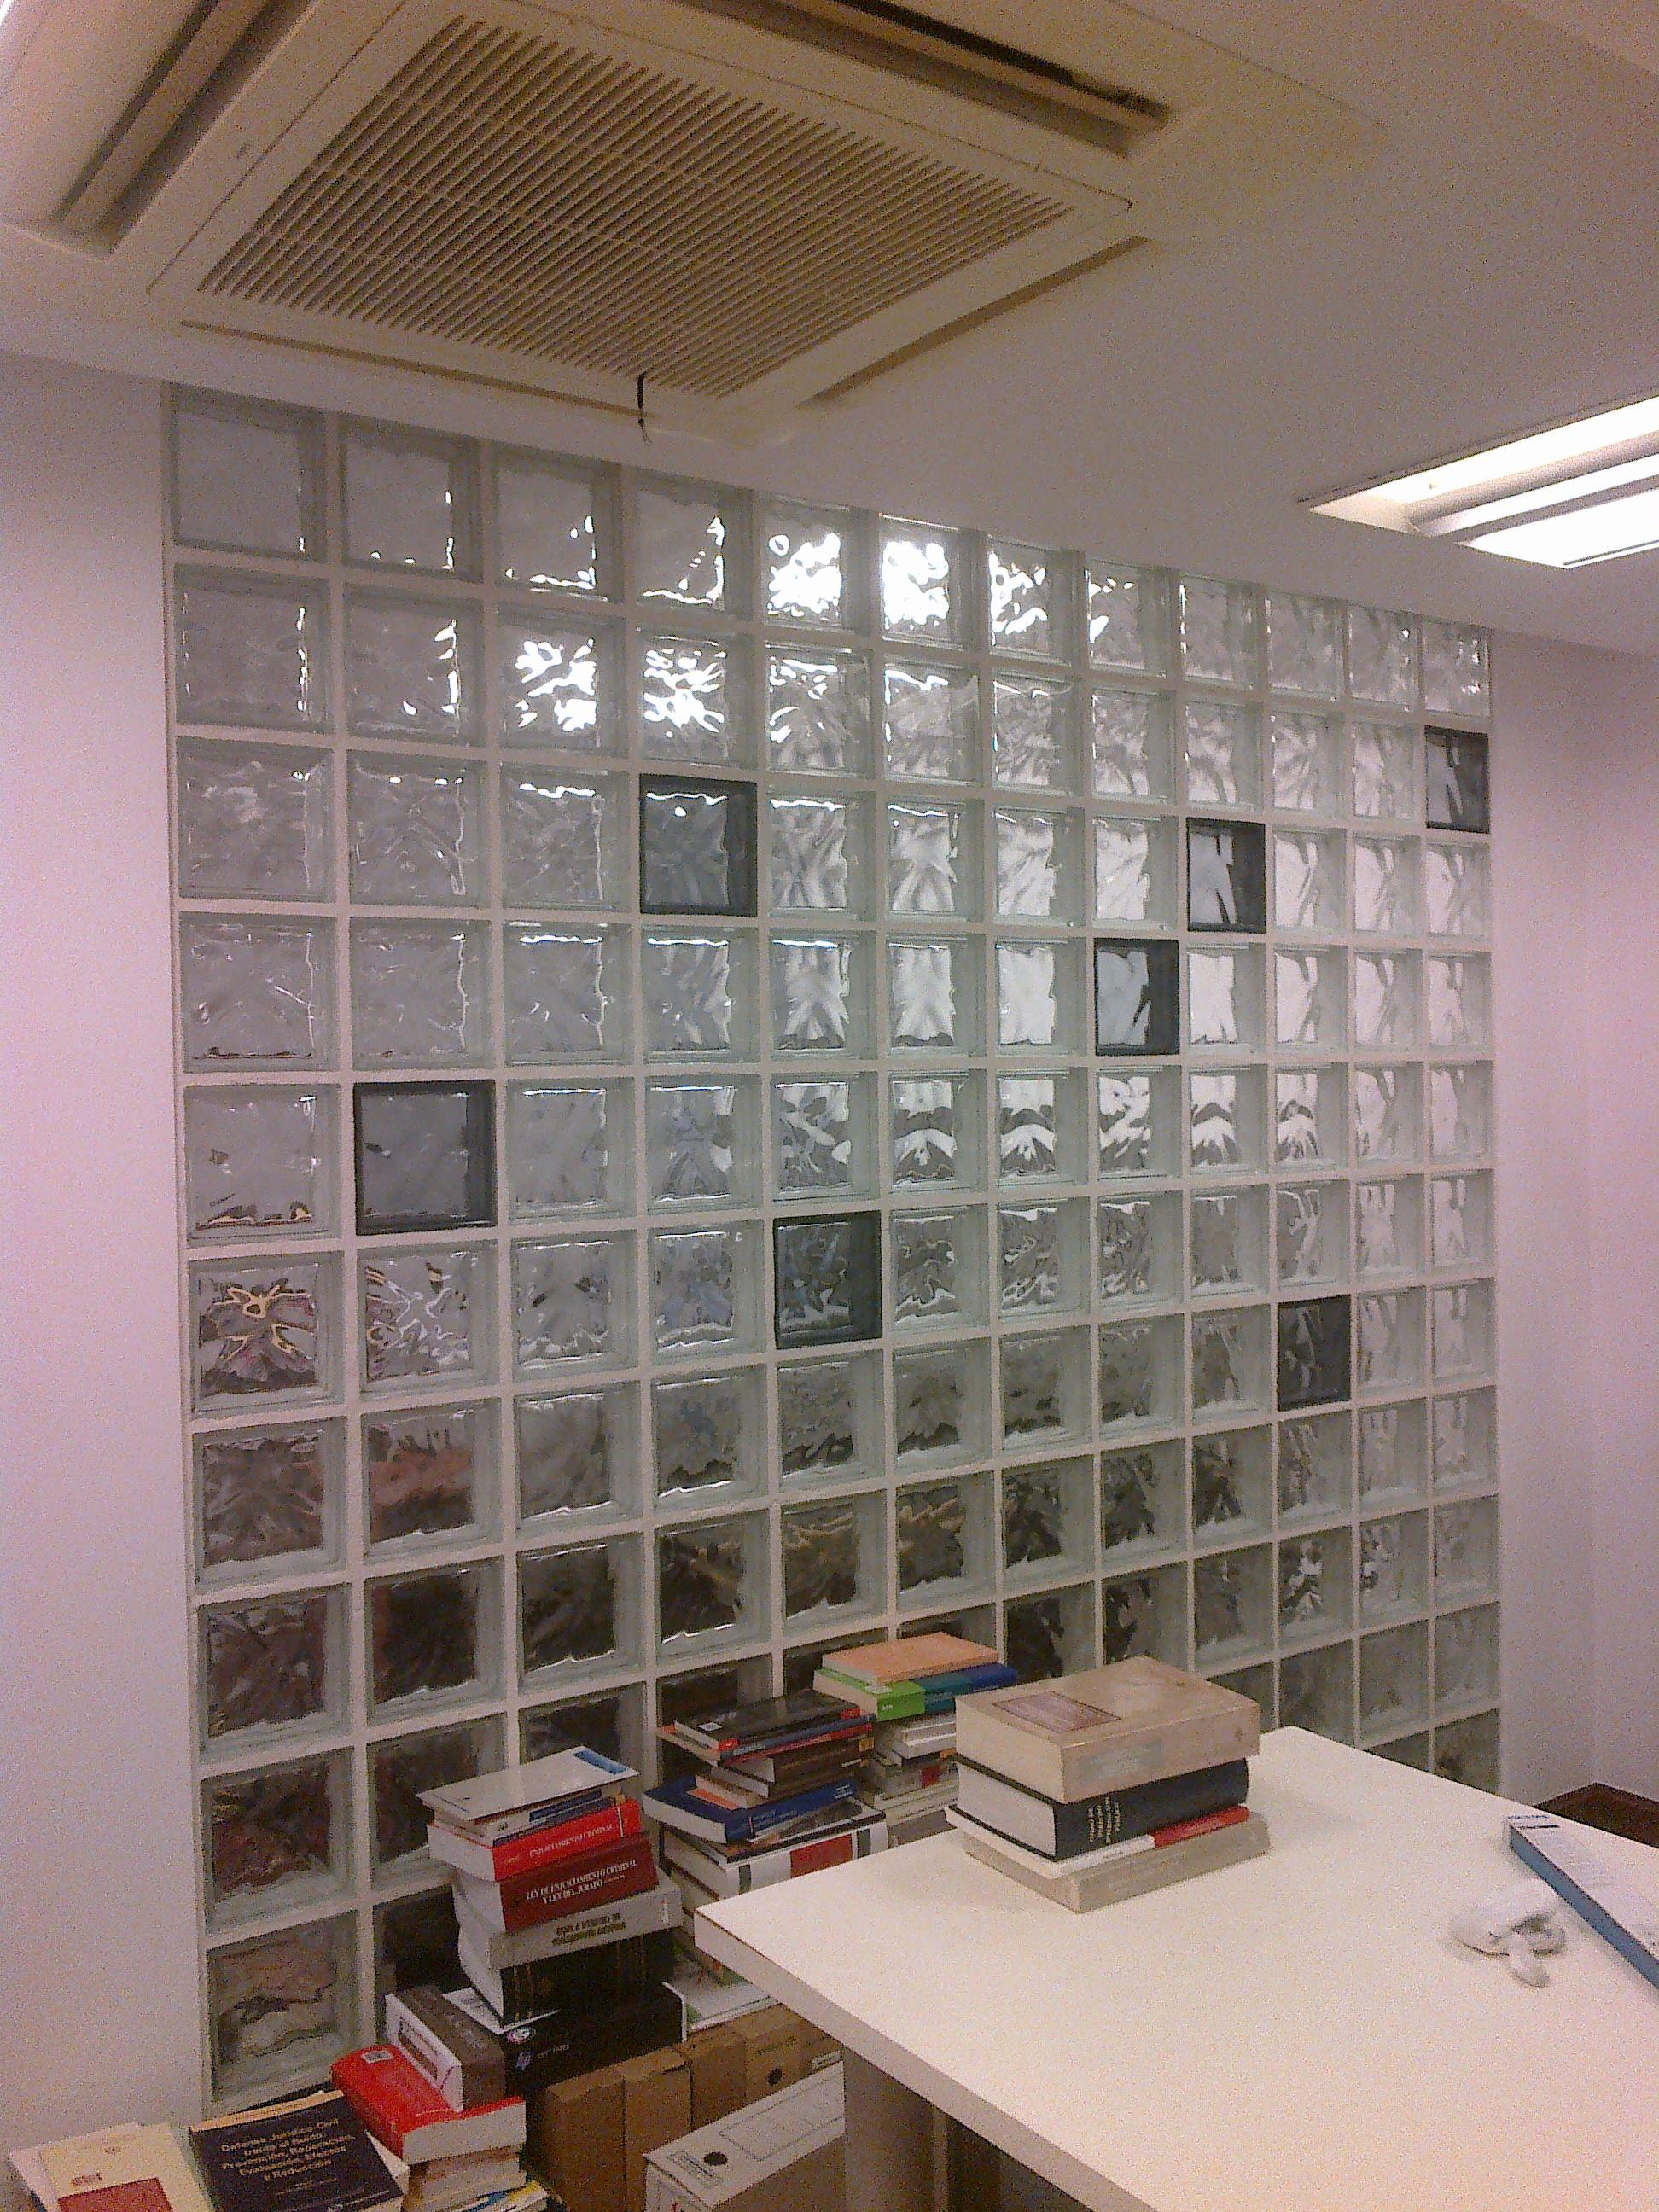 Divisi n de oficinas con bloques de vidrio pared de bloques de vidrio pinterest glass - Pared de bloques de vidrio ...